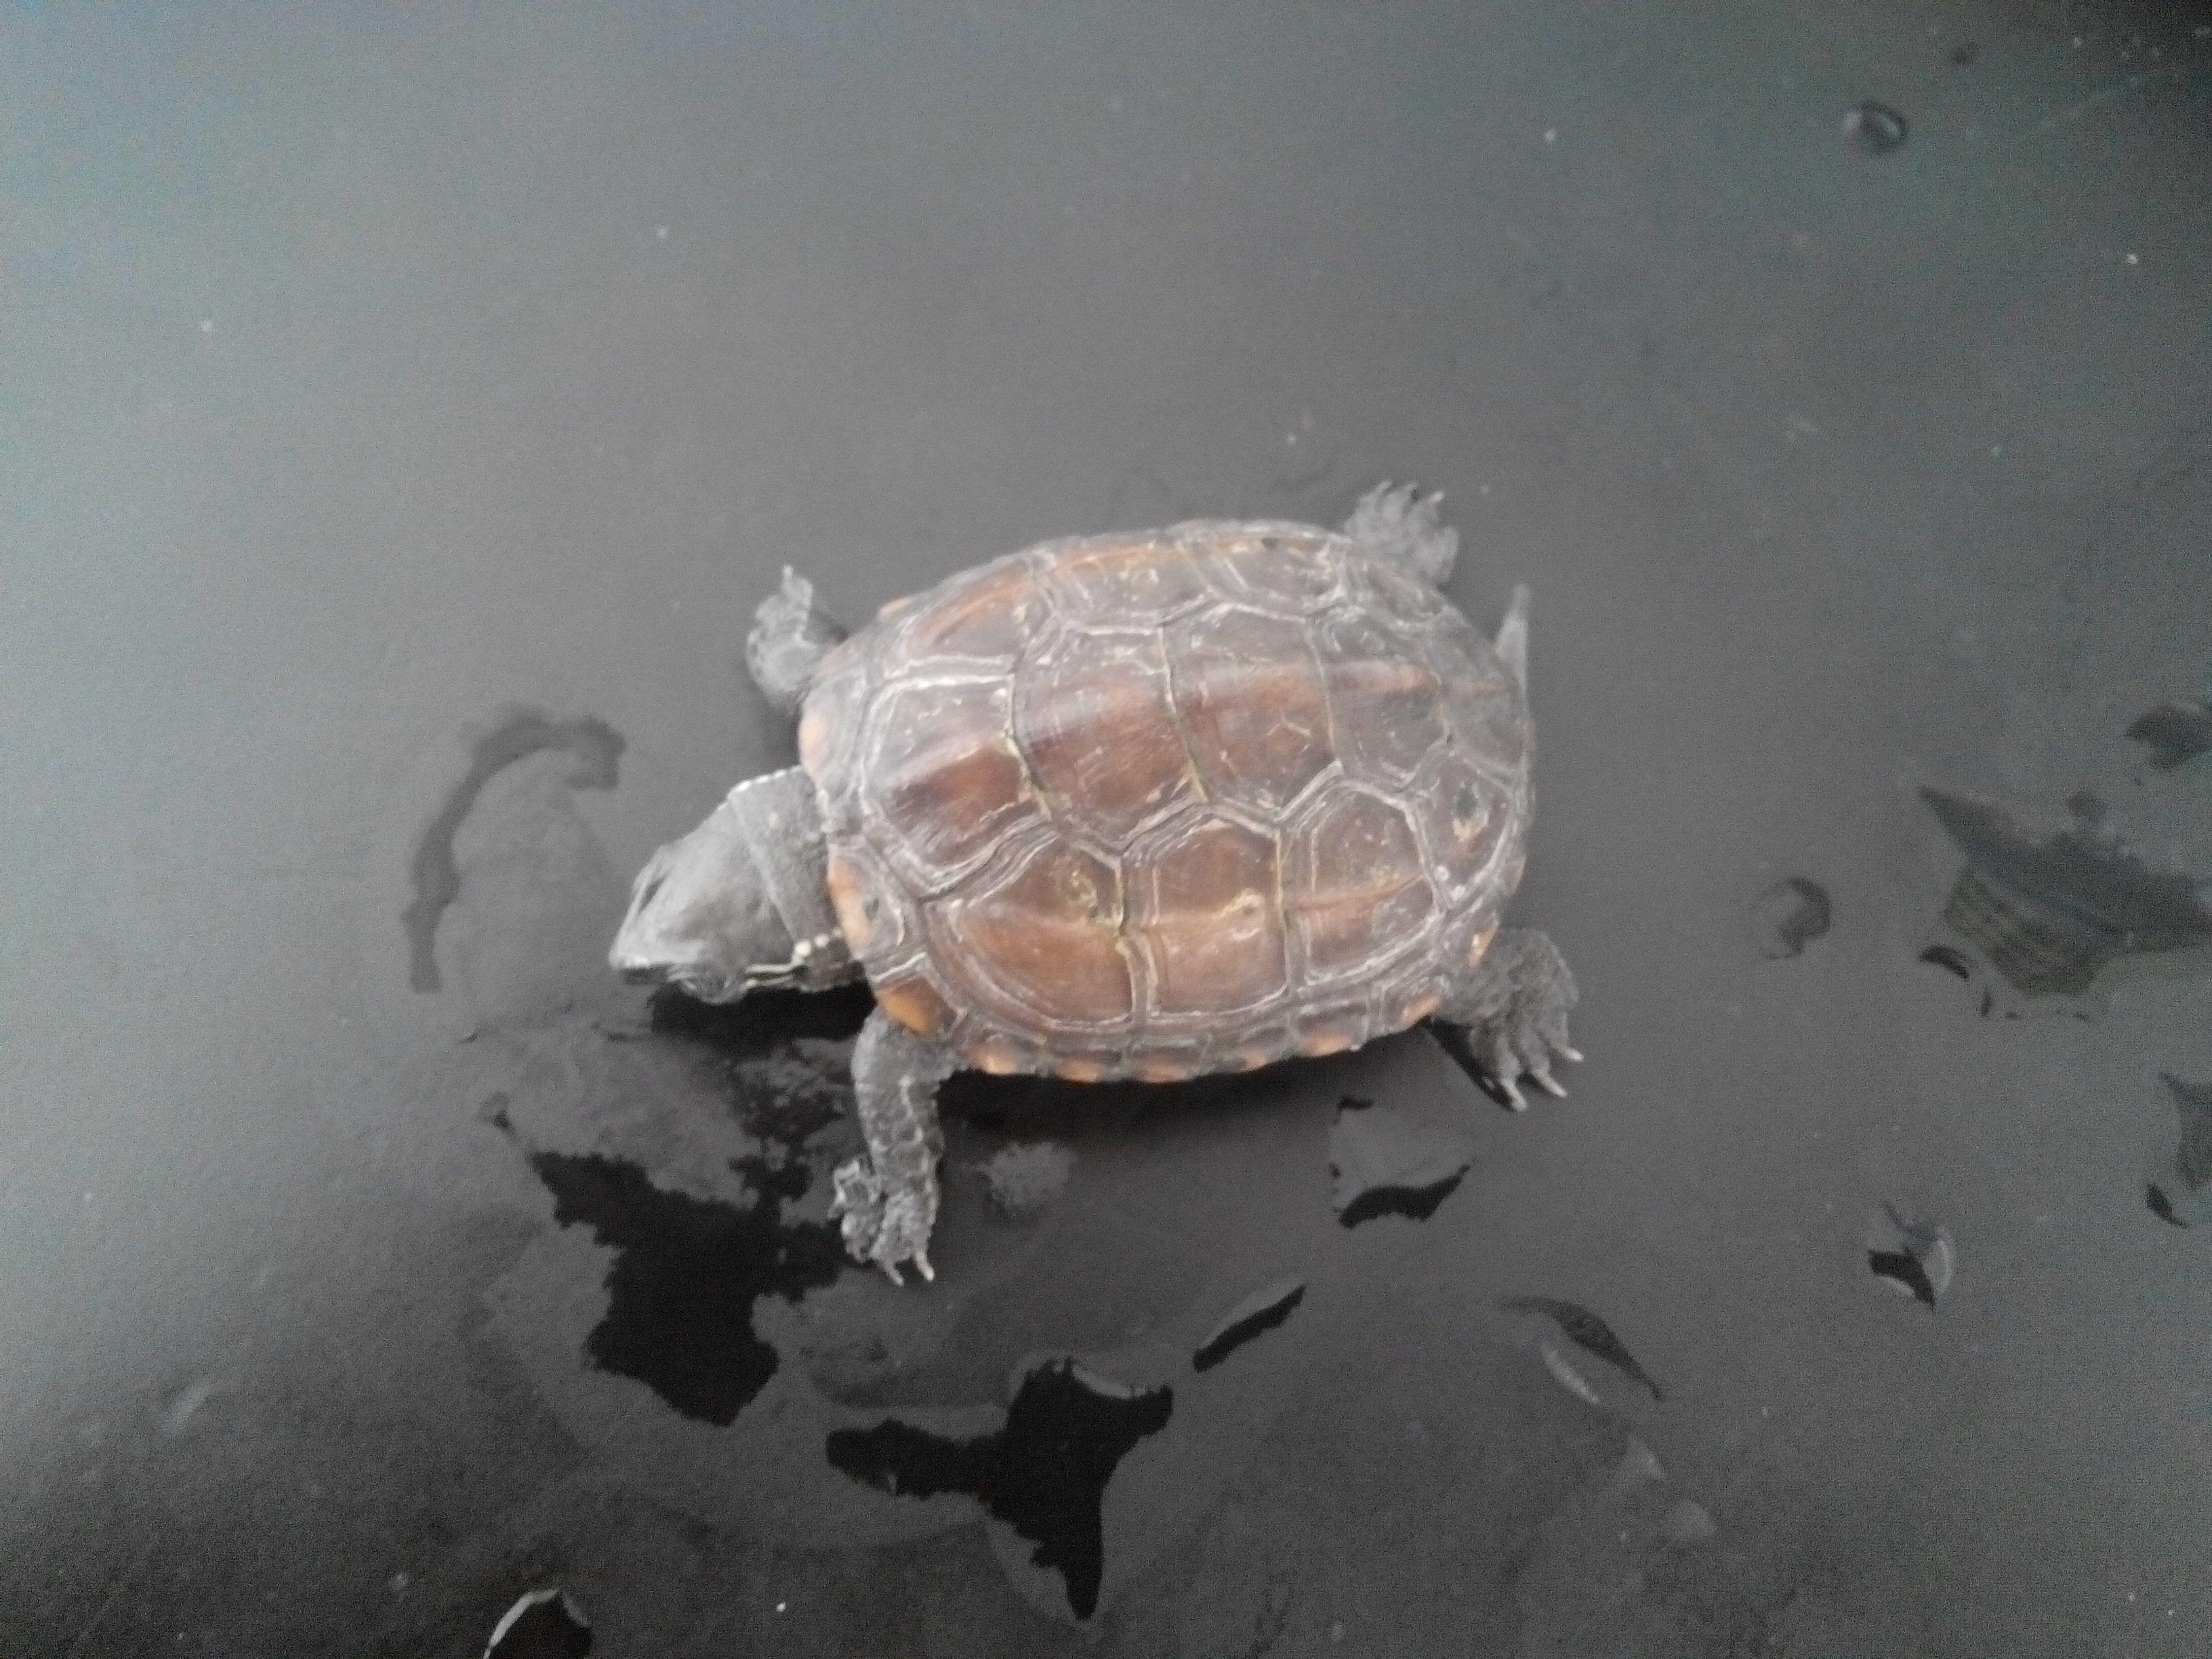 小乌龟浮在水面_小乌龟生病怎么治?_百度知道